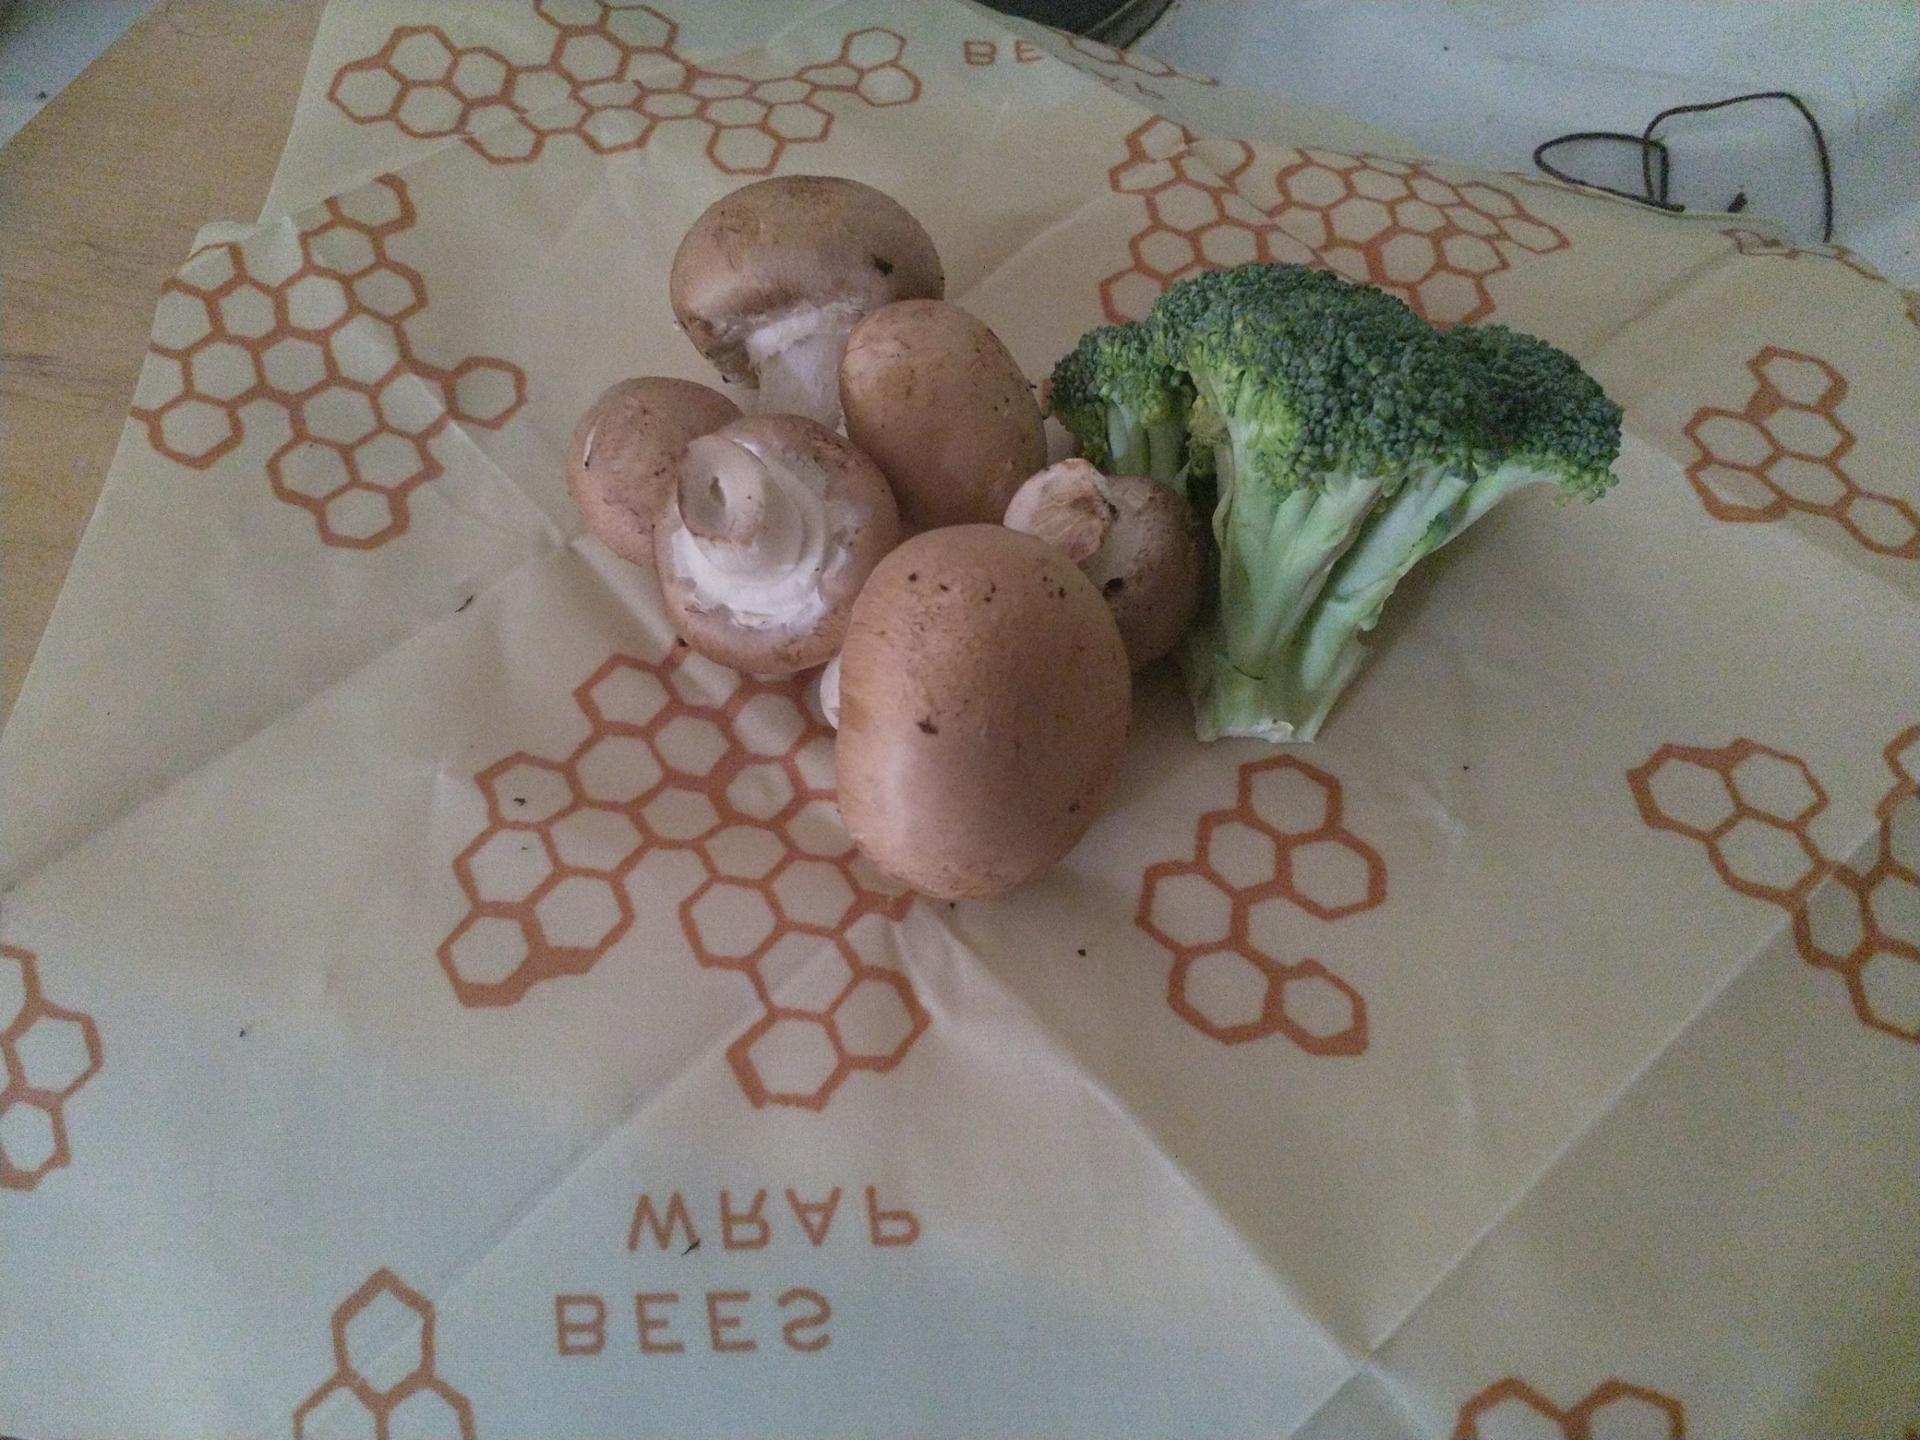 Bienenwachstücher können Gemüse länger frisch halten. - Photocredit: Elisabeth Demeter